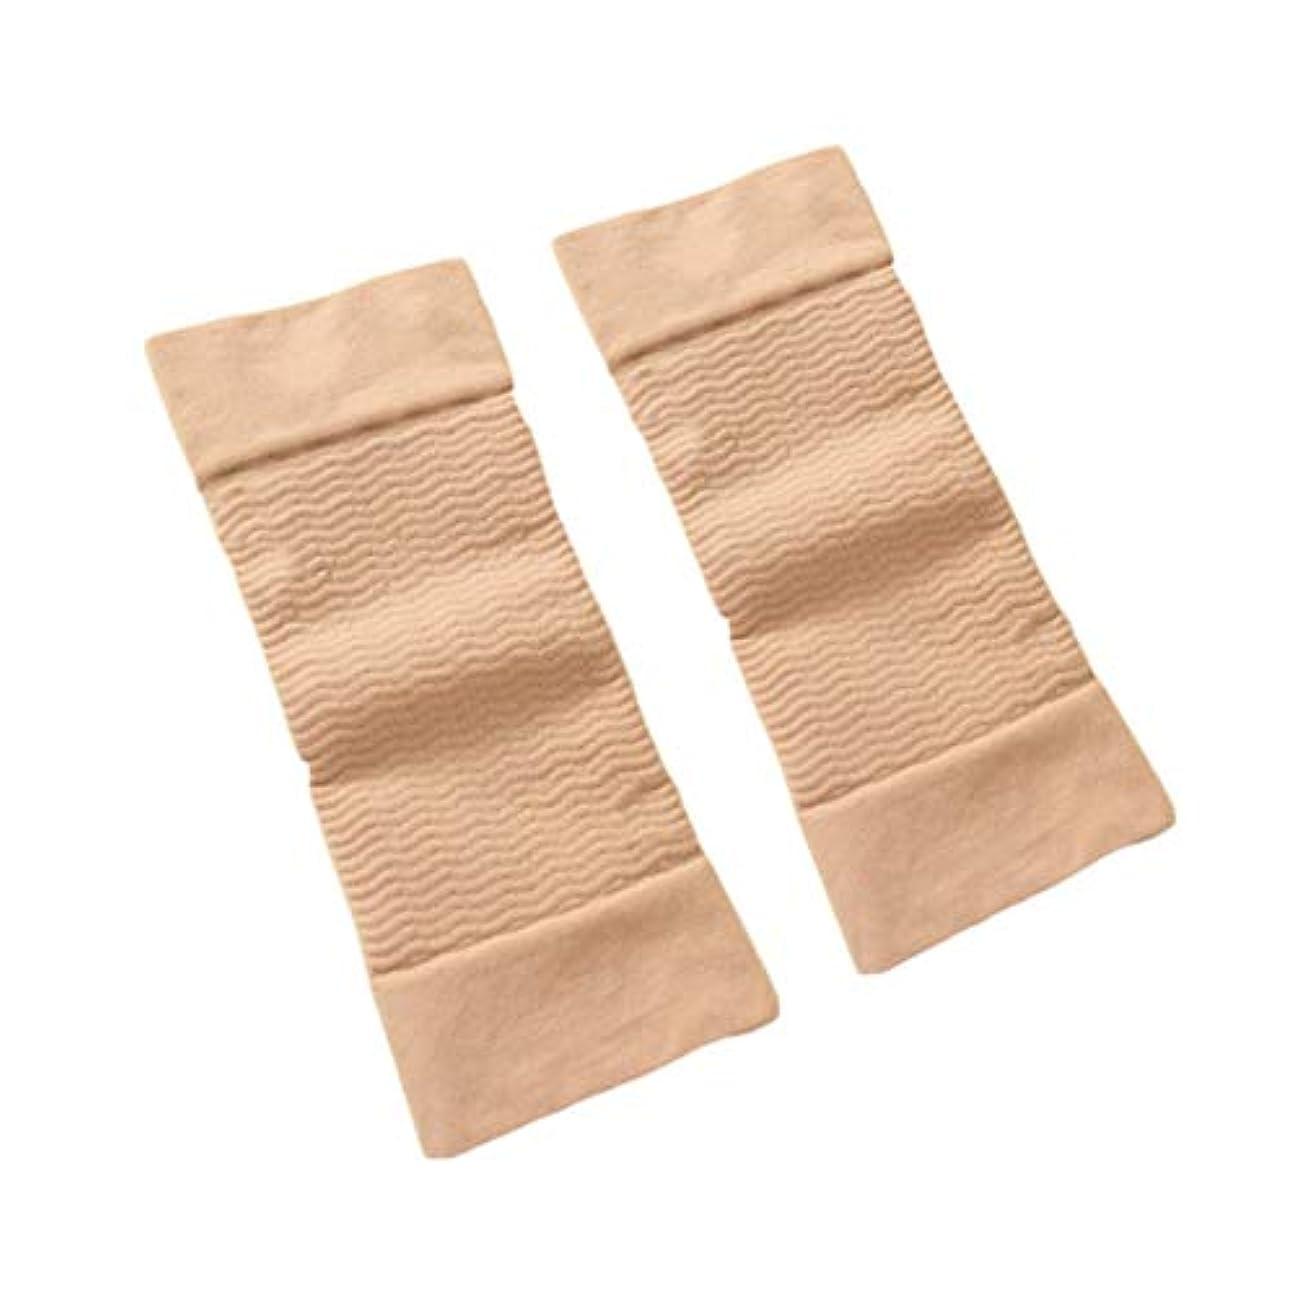 黄ばむリネン冗長1ペア420 D圧縮痩身アームスリーブワークアウトトーニングバーンセルライトシェイパー脂肪燃焼袖用女性 - 肌色